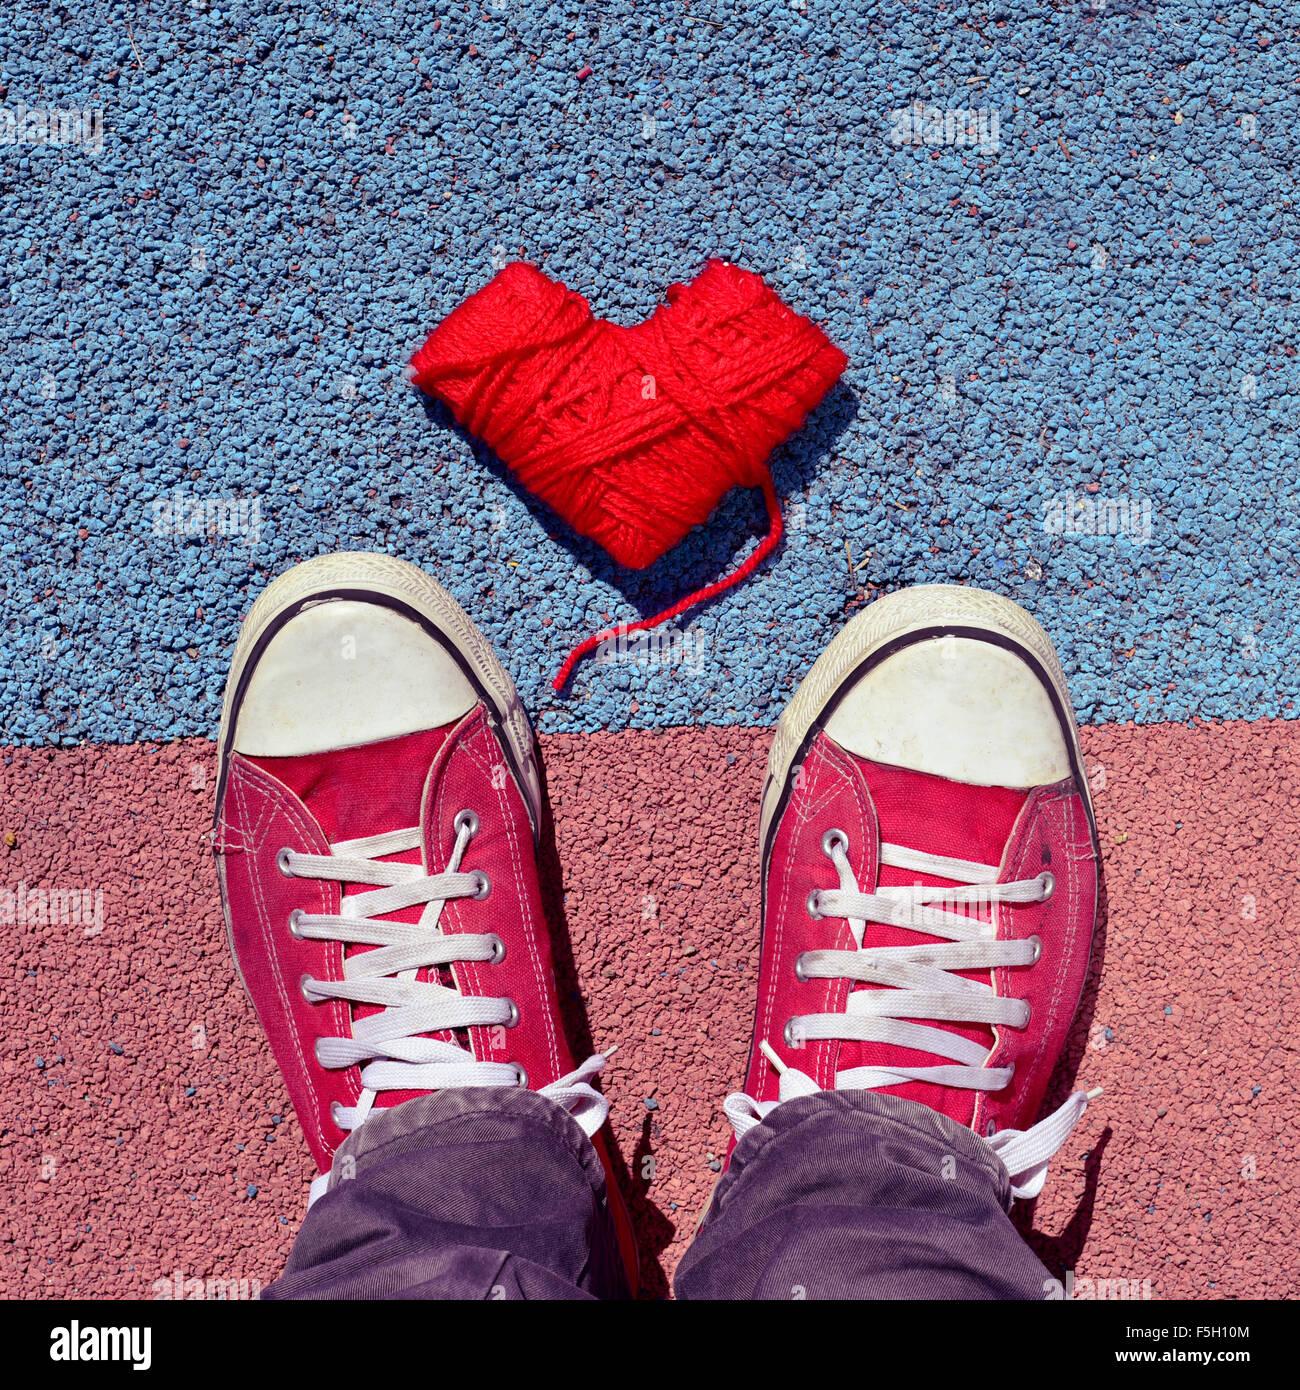 Disparo de alto ángulo de una bobina con forma de corazón rojo de lana y los pies de un hombre vestido con zapatillas Foto de stock